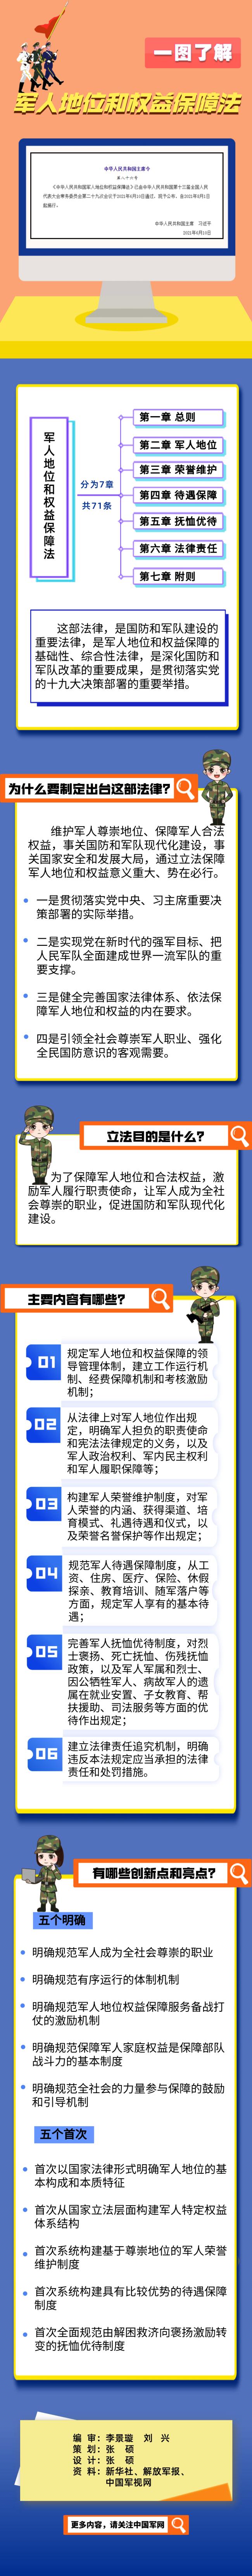 8月1日,《中华人民共和国军人和地位权益保障法》正式施行